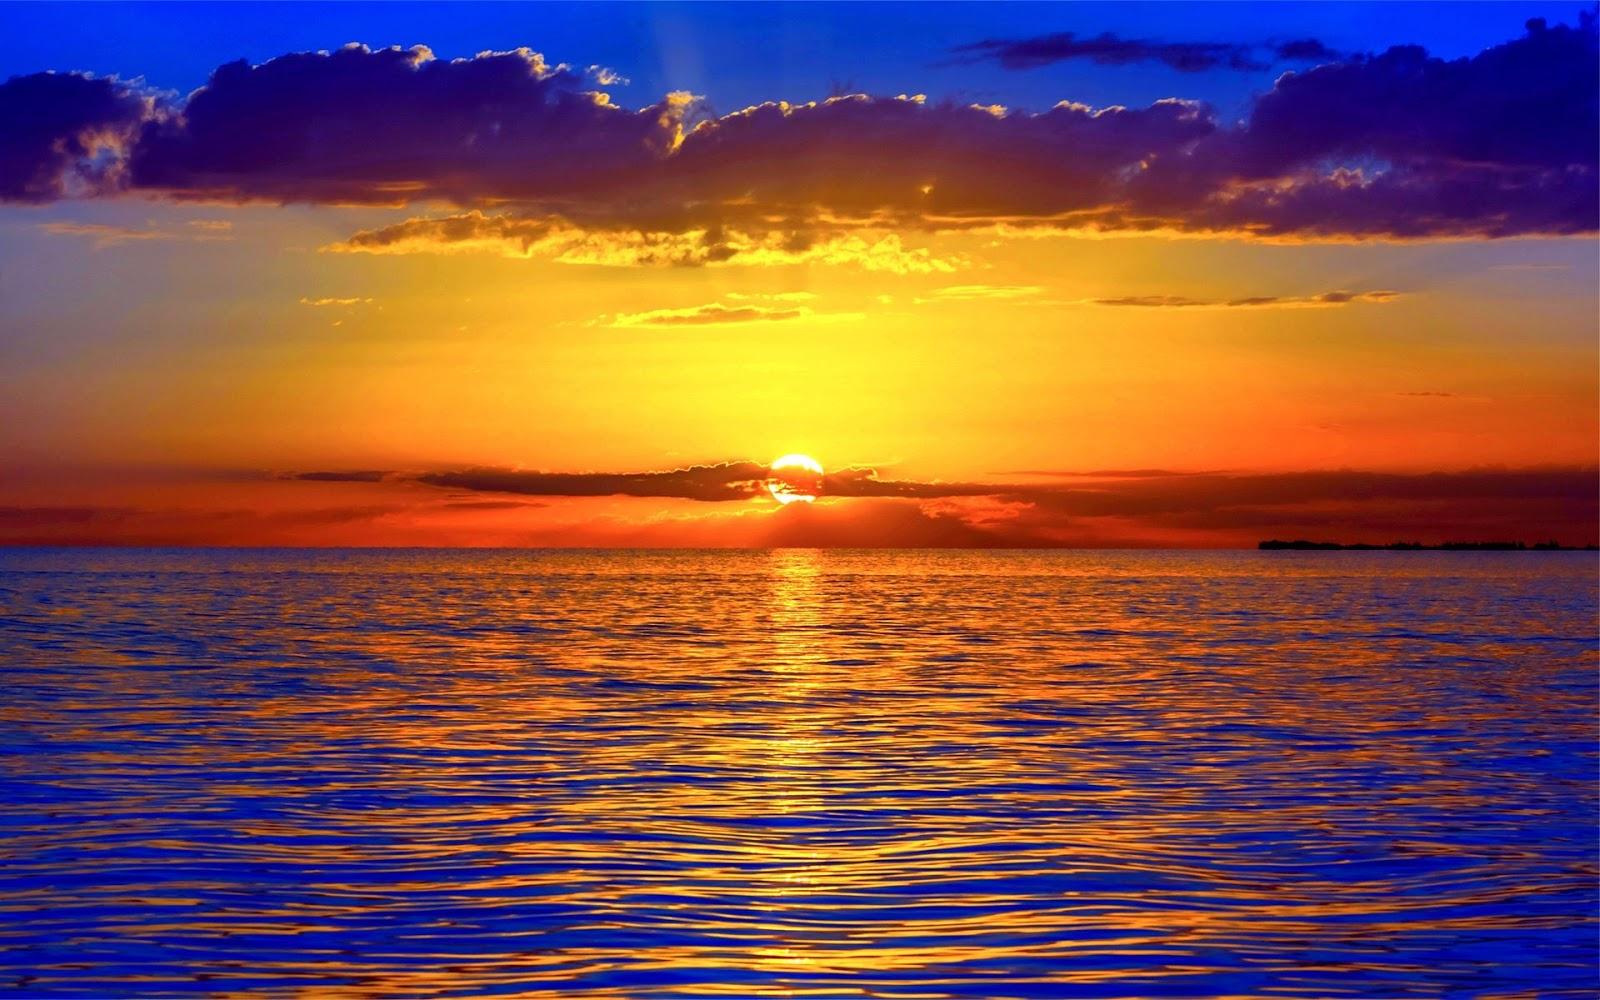 красочный закат над морем  № 1258764 без смс